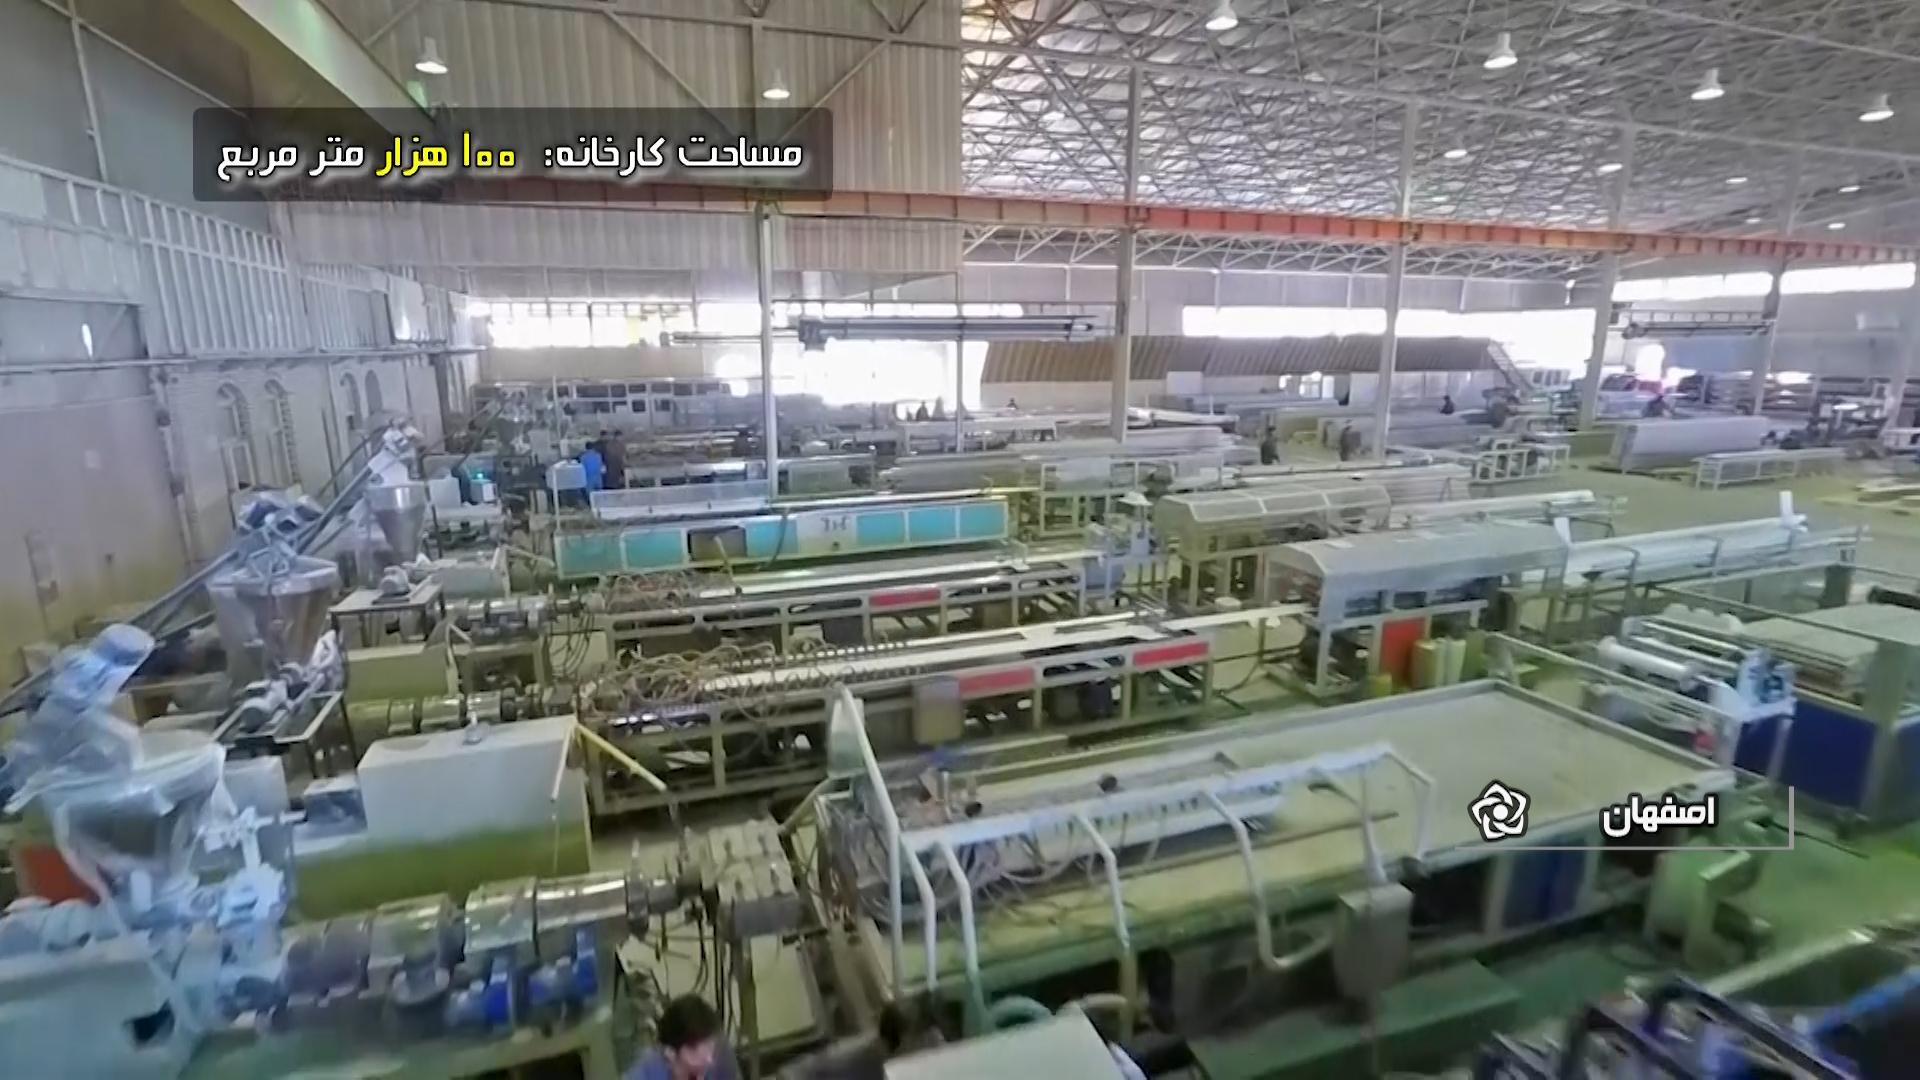 متنوع ترین کارخانه دانش بنیان تولید pvc ایران در نجف آباد+ فیلم و عکس